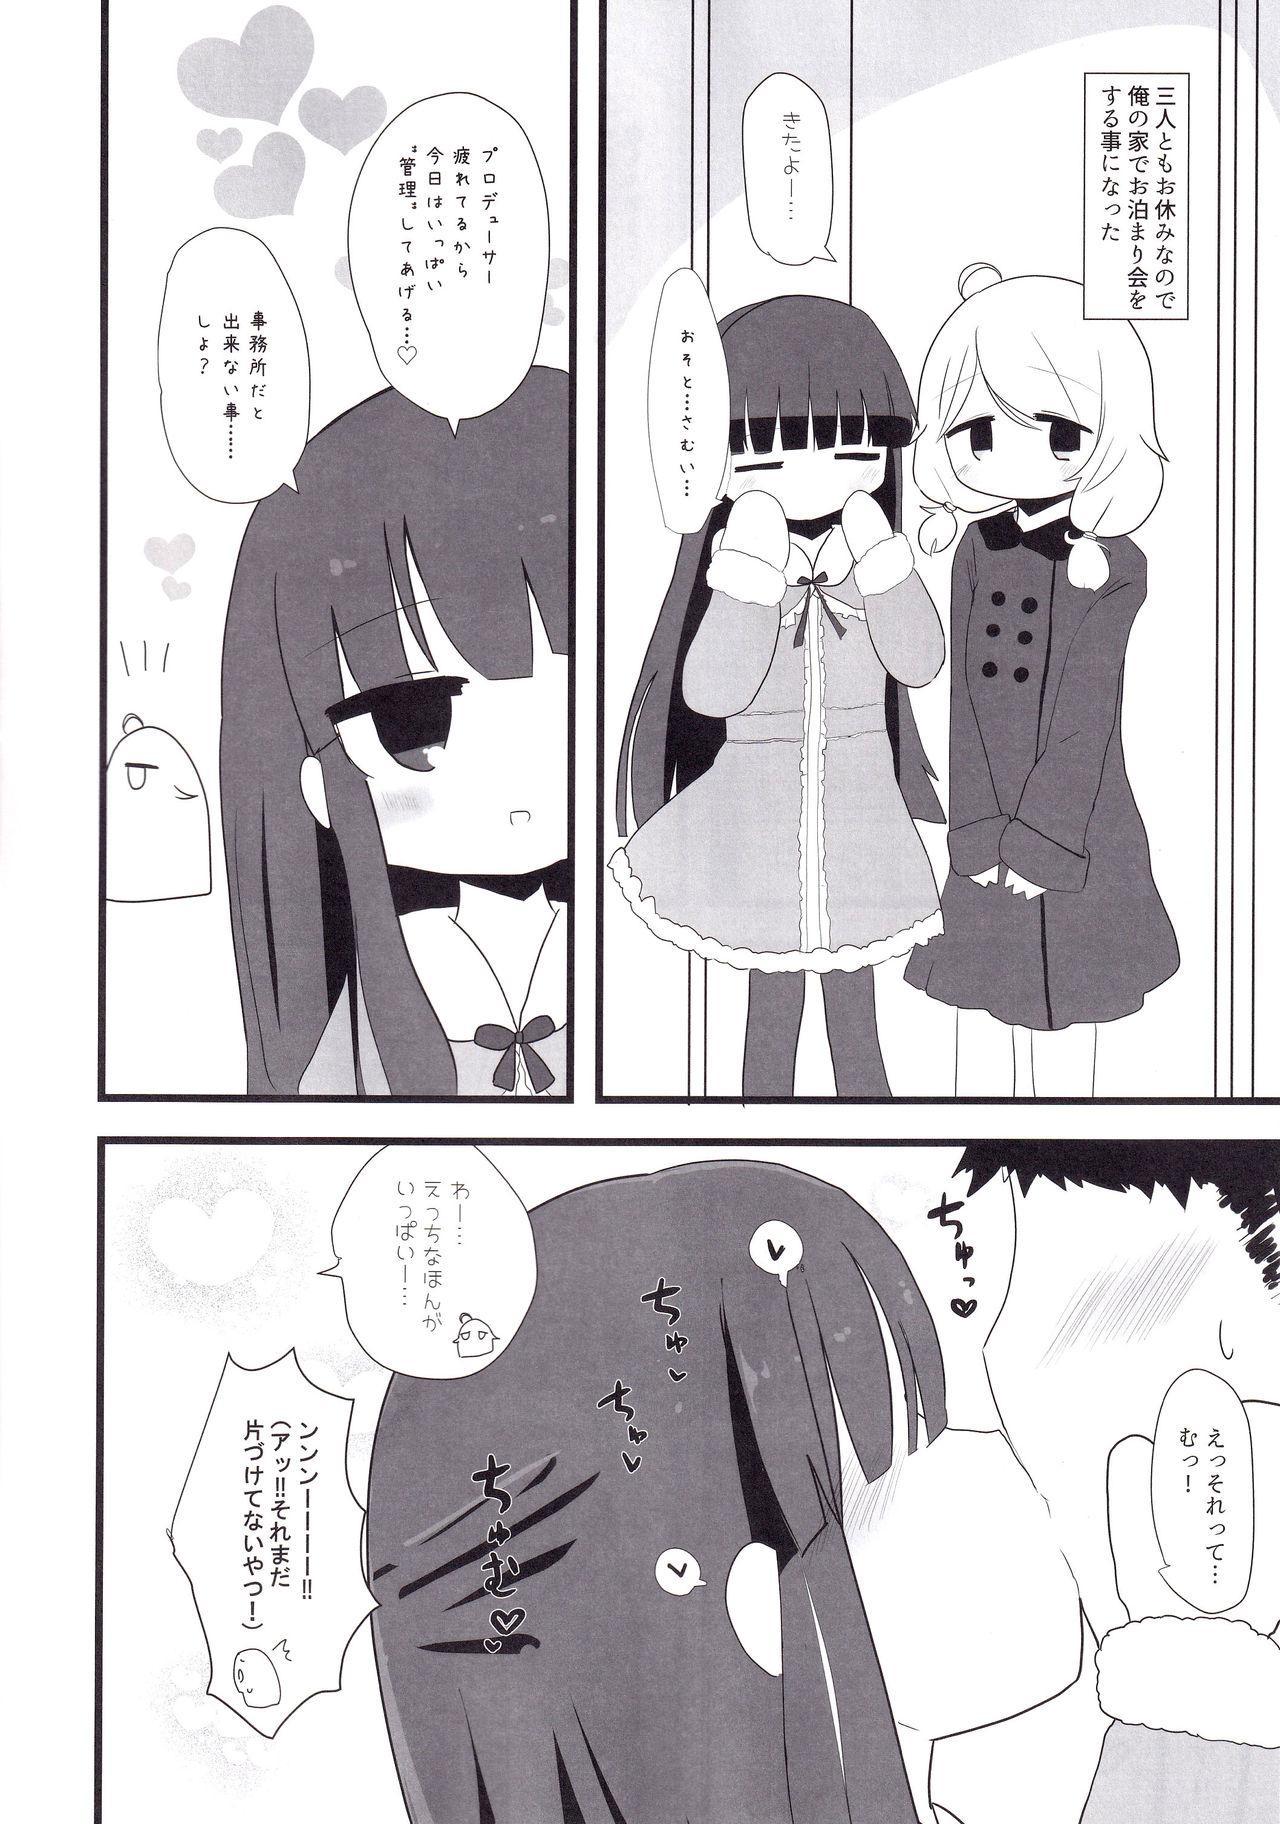 Yukimi to Kozue to Lolicon P to 18